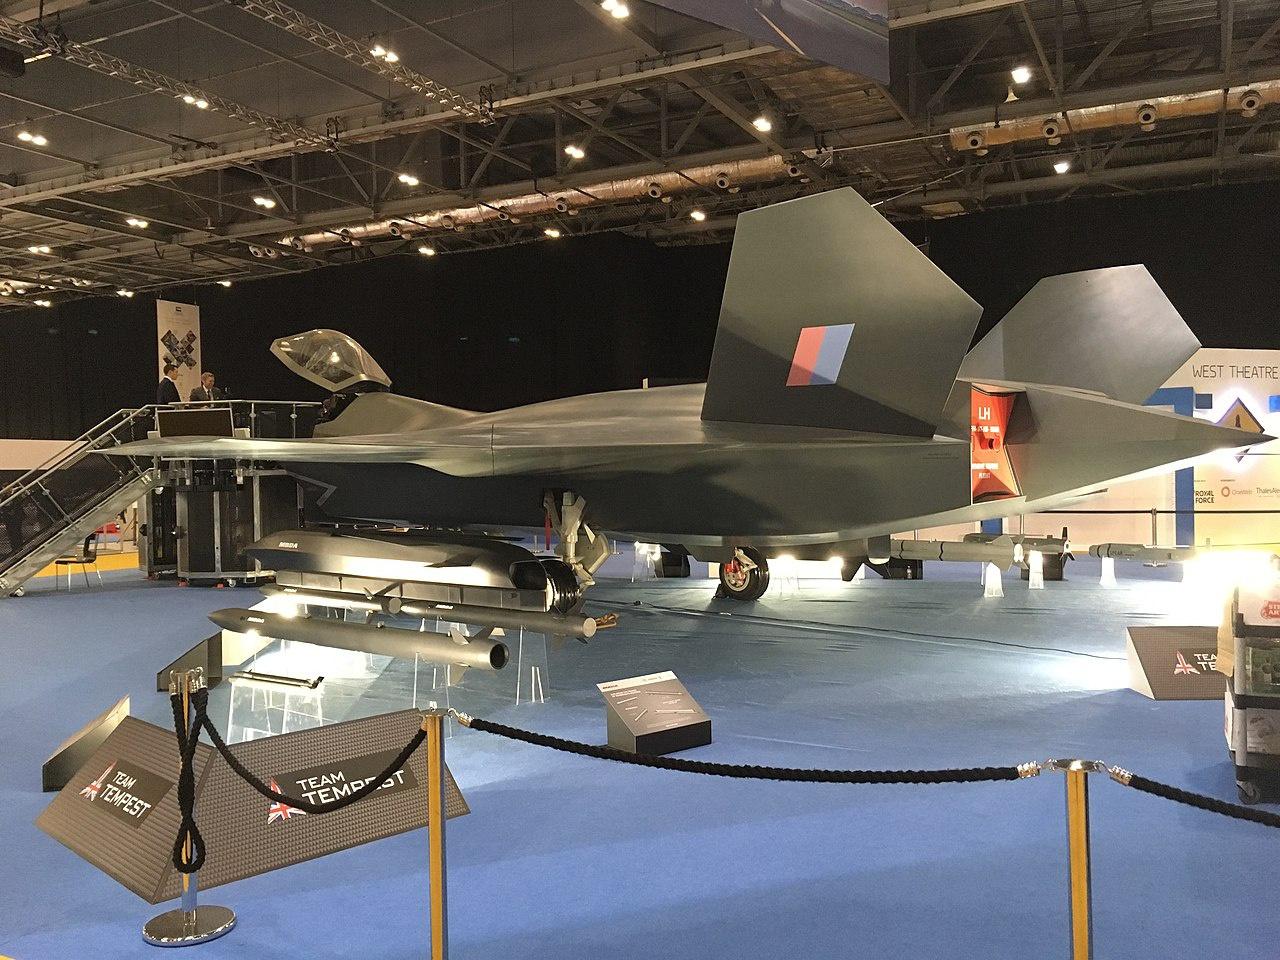 Макет истребителя проекта Tempest на выставке вооружения DSEI 2019.